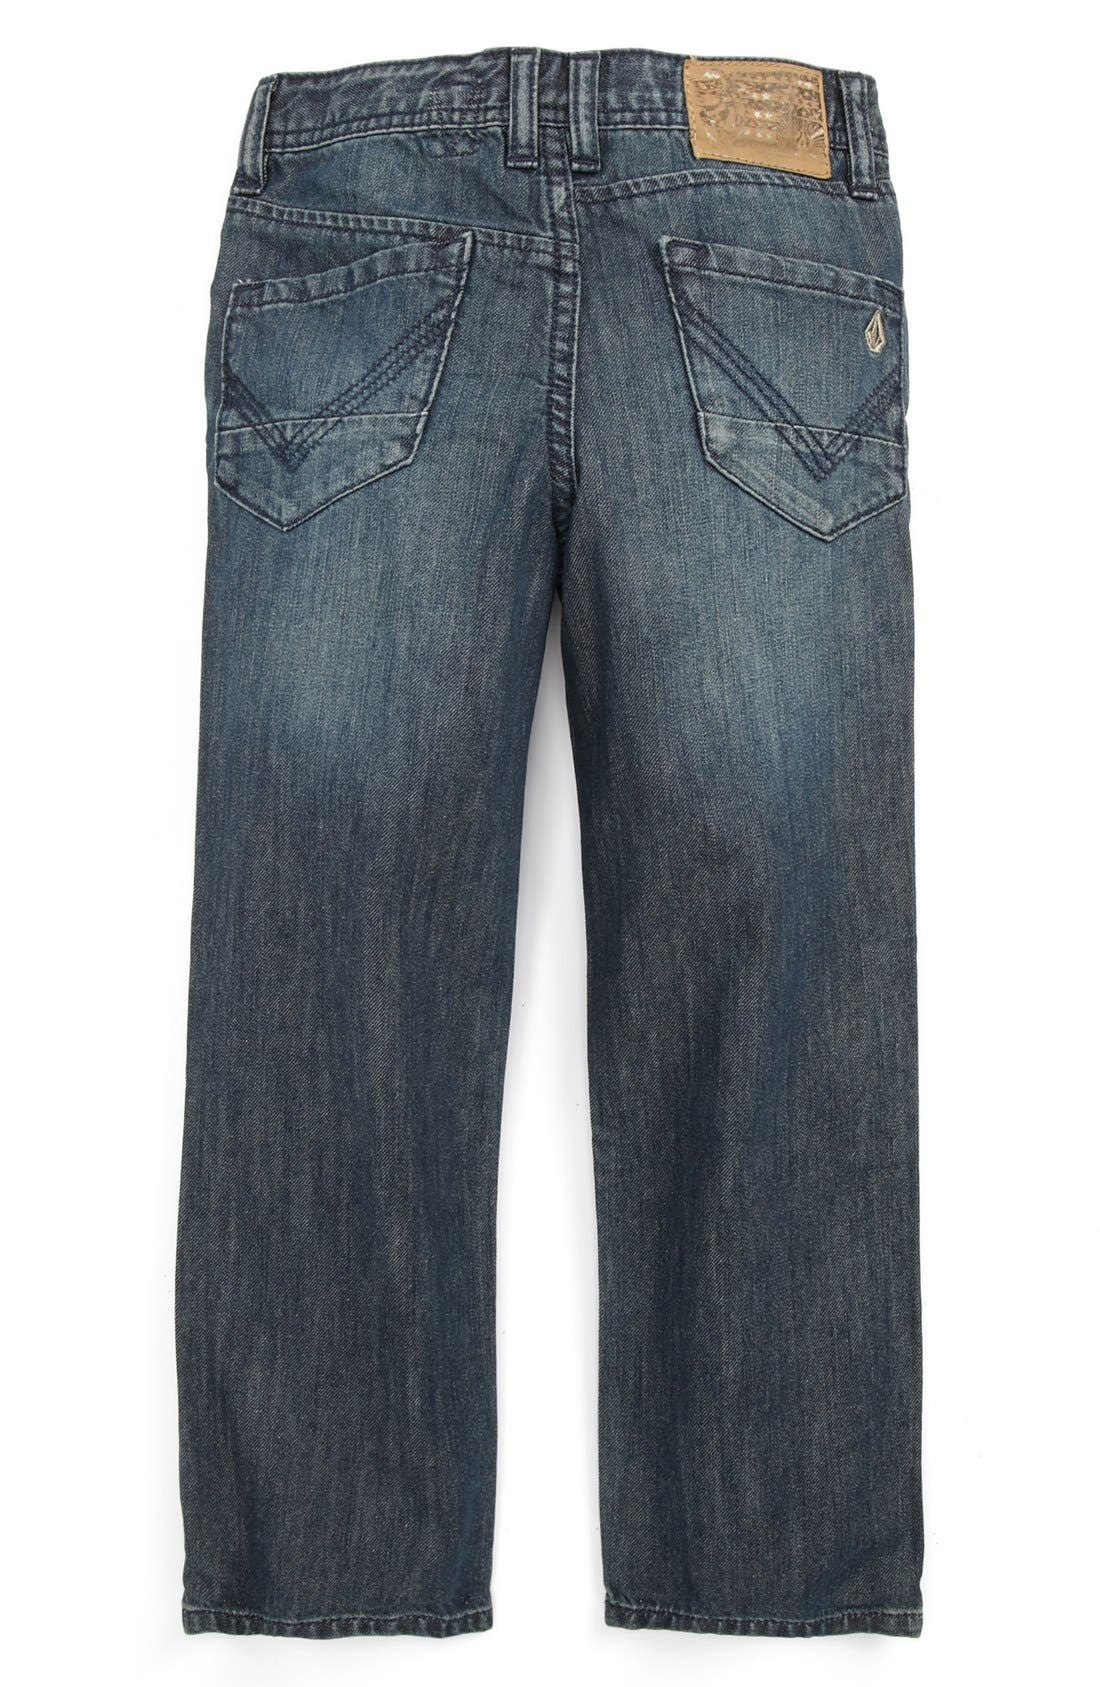 Main Image - Volcom 'Nova' Straight Leg Jeans (Little Boys)